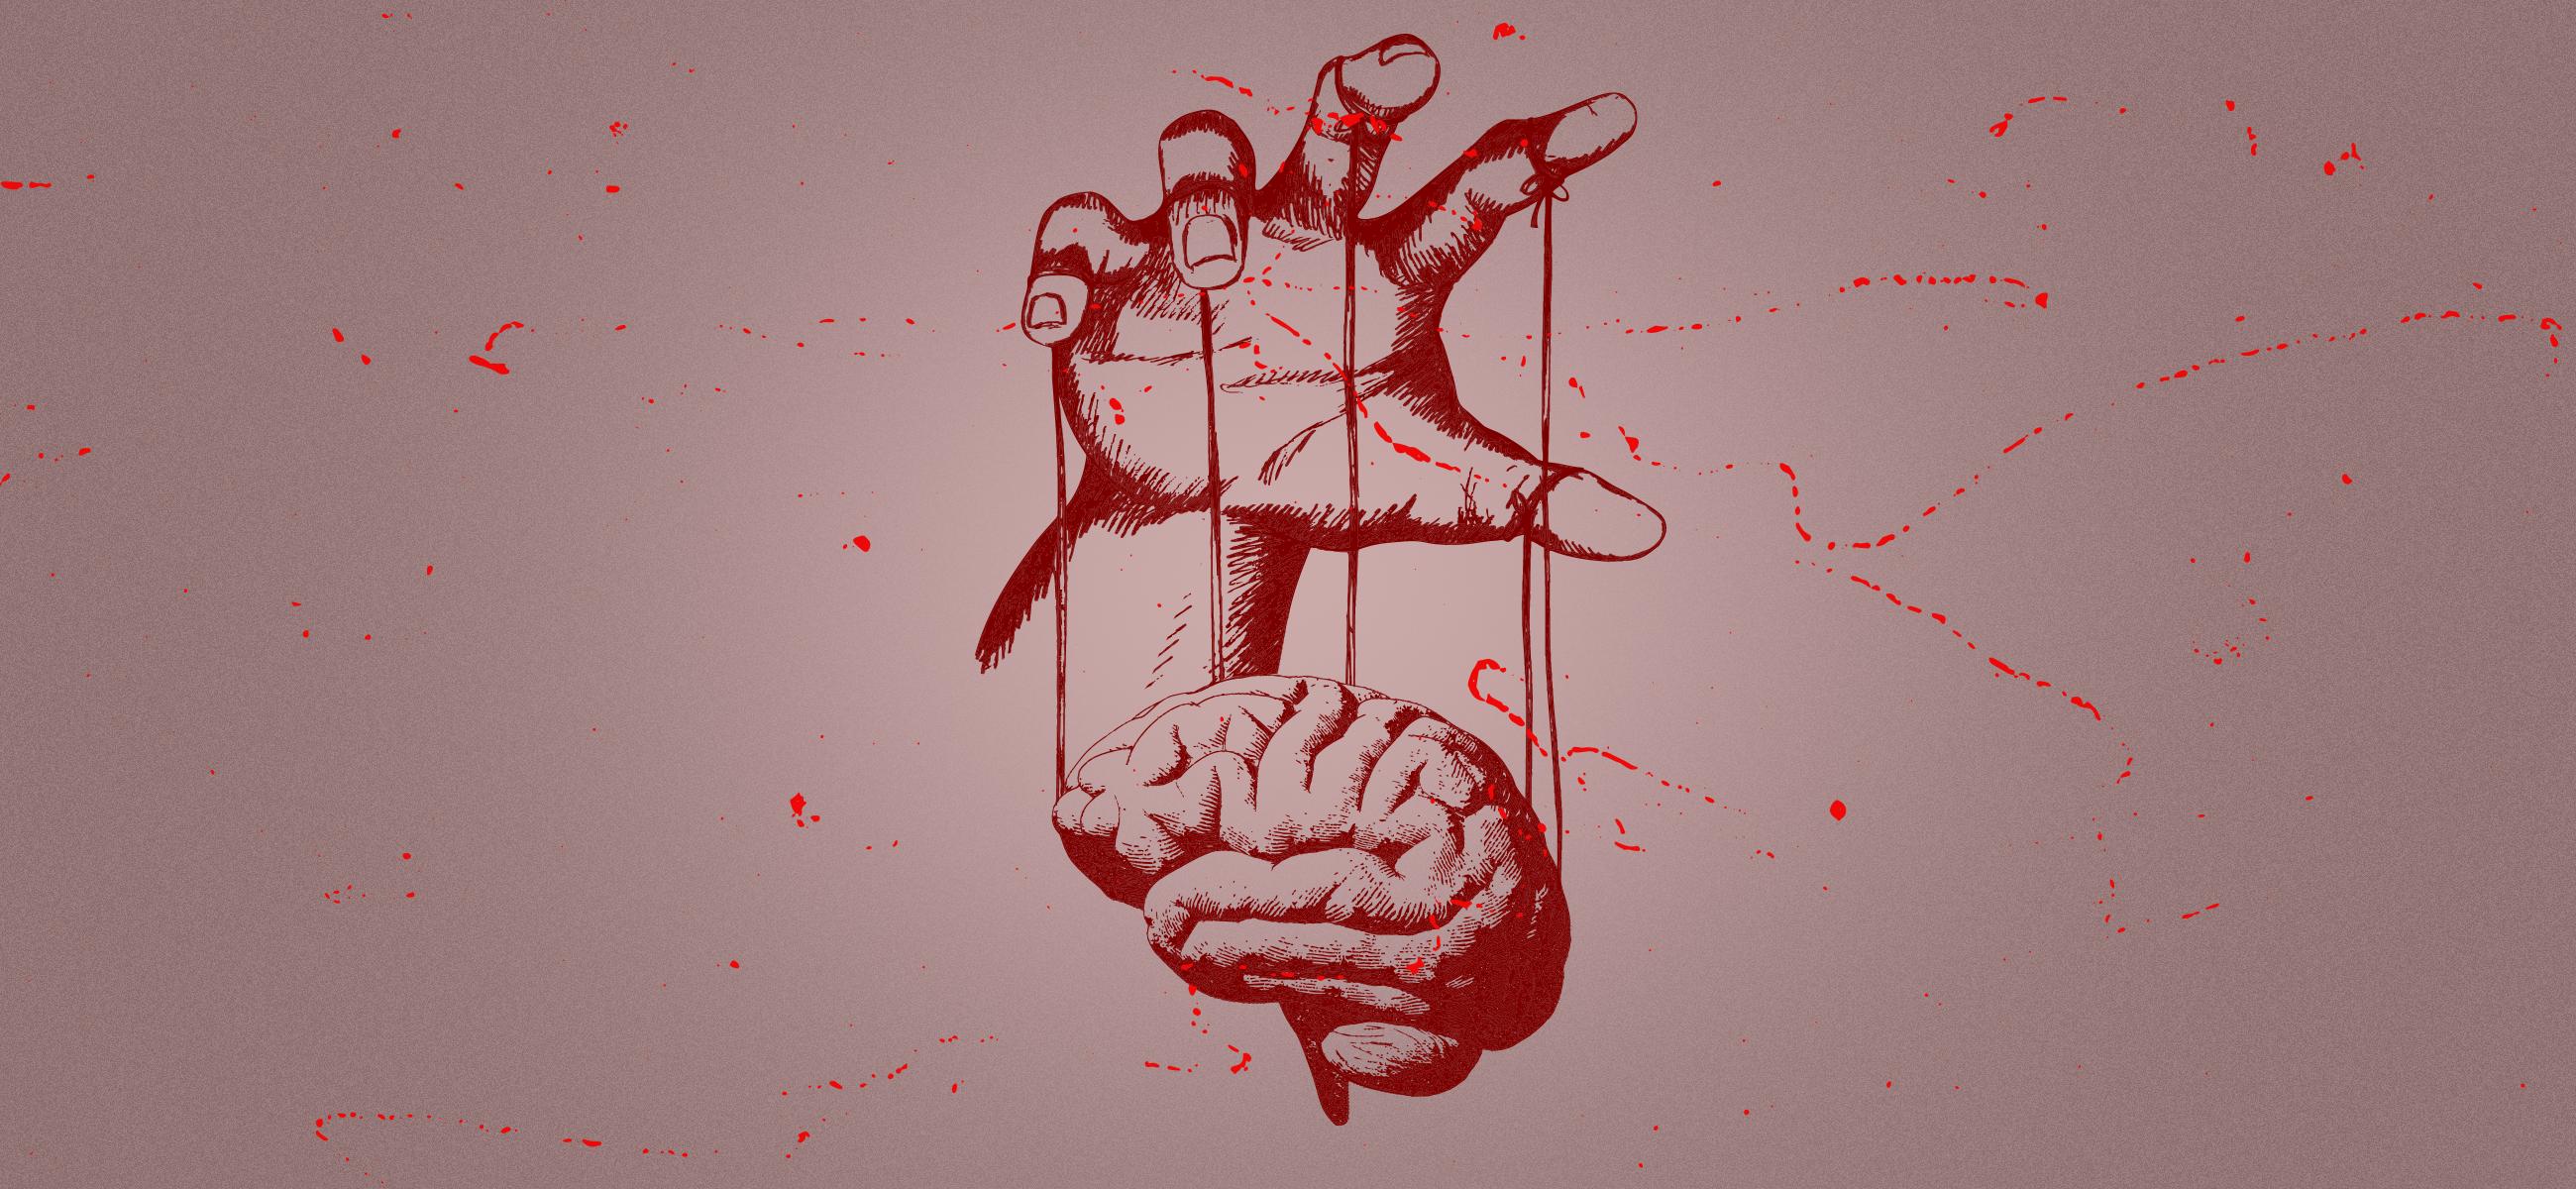 Les terroristes sont-ils des psychopathes ?